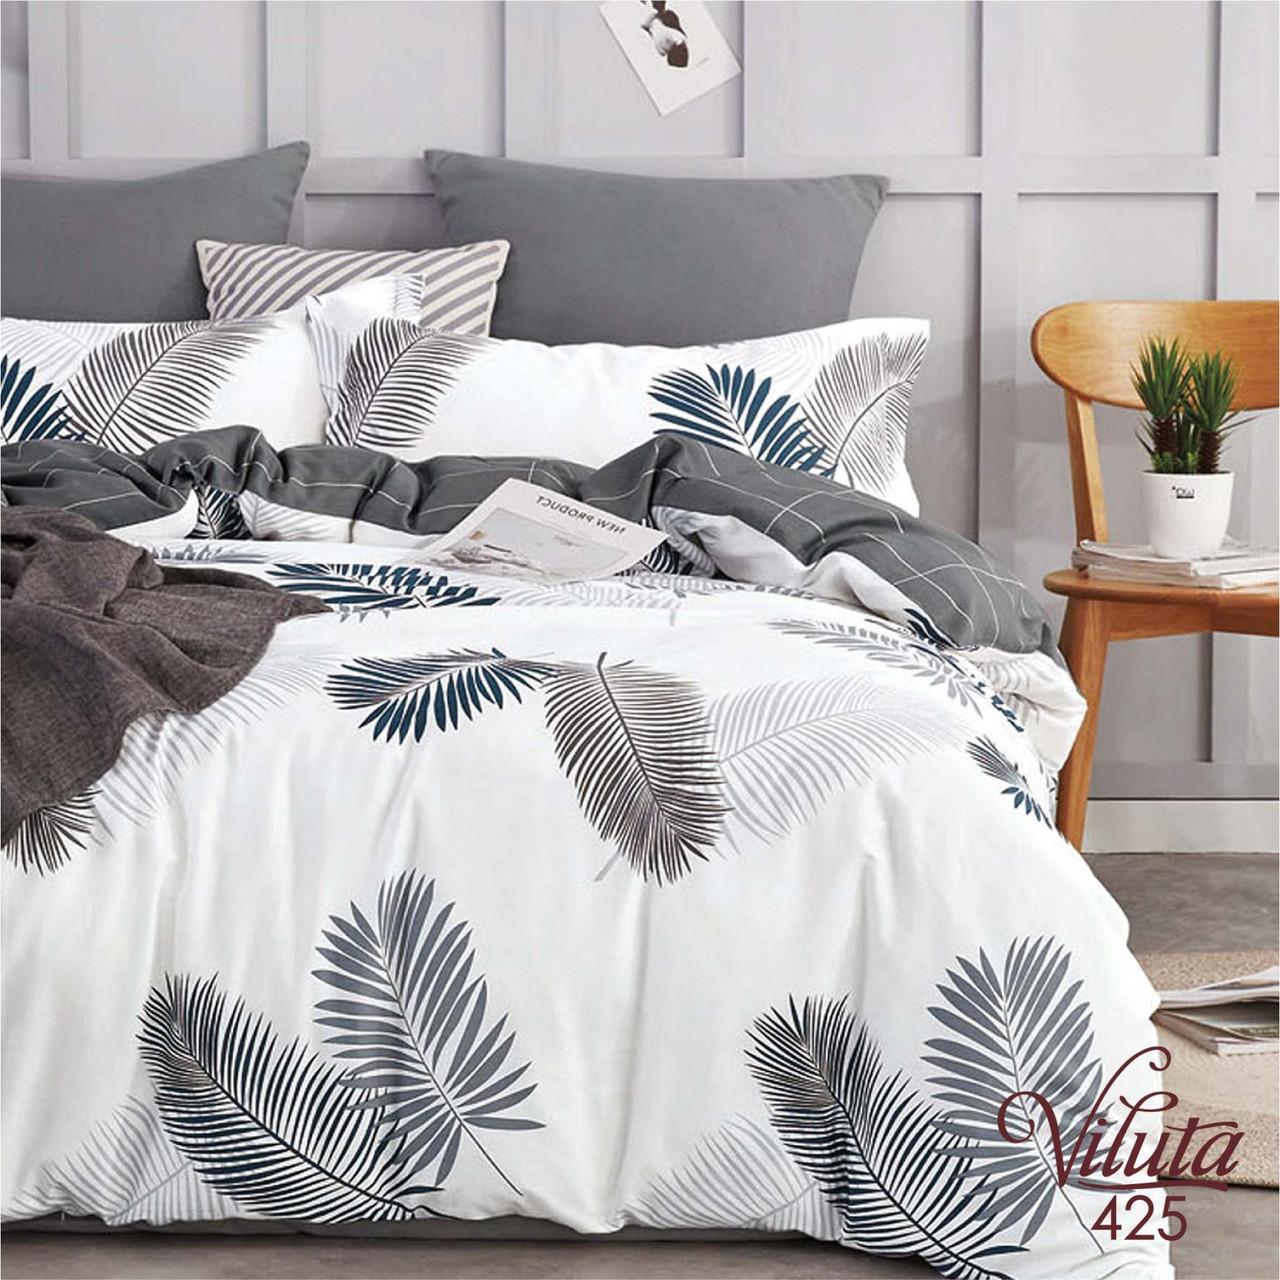 Комплект постельного белья сатин 425 Viluta Двухспальный